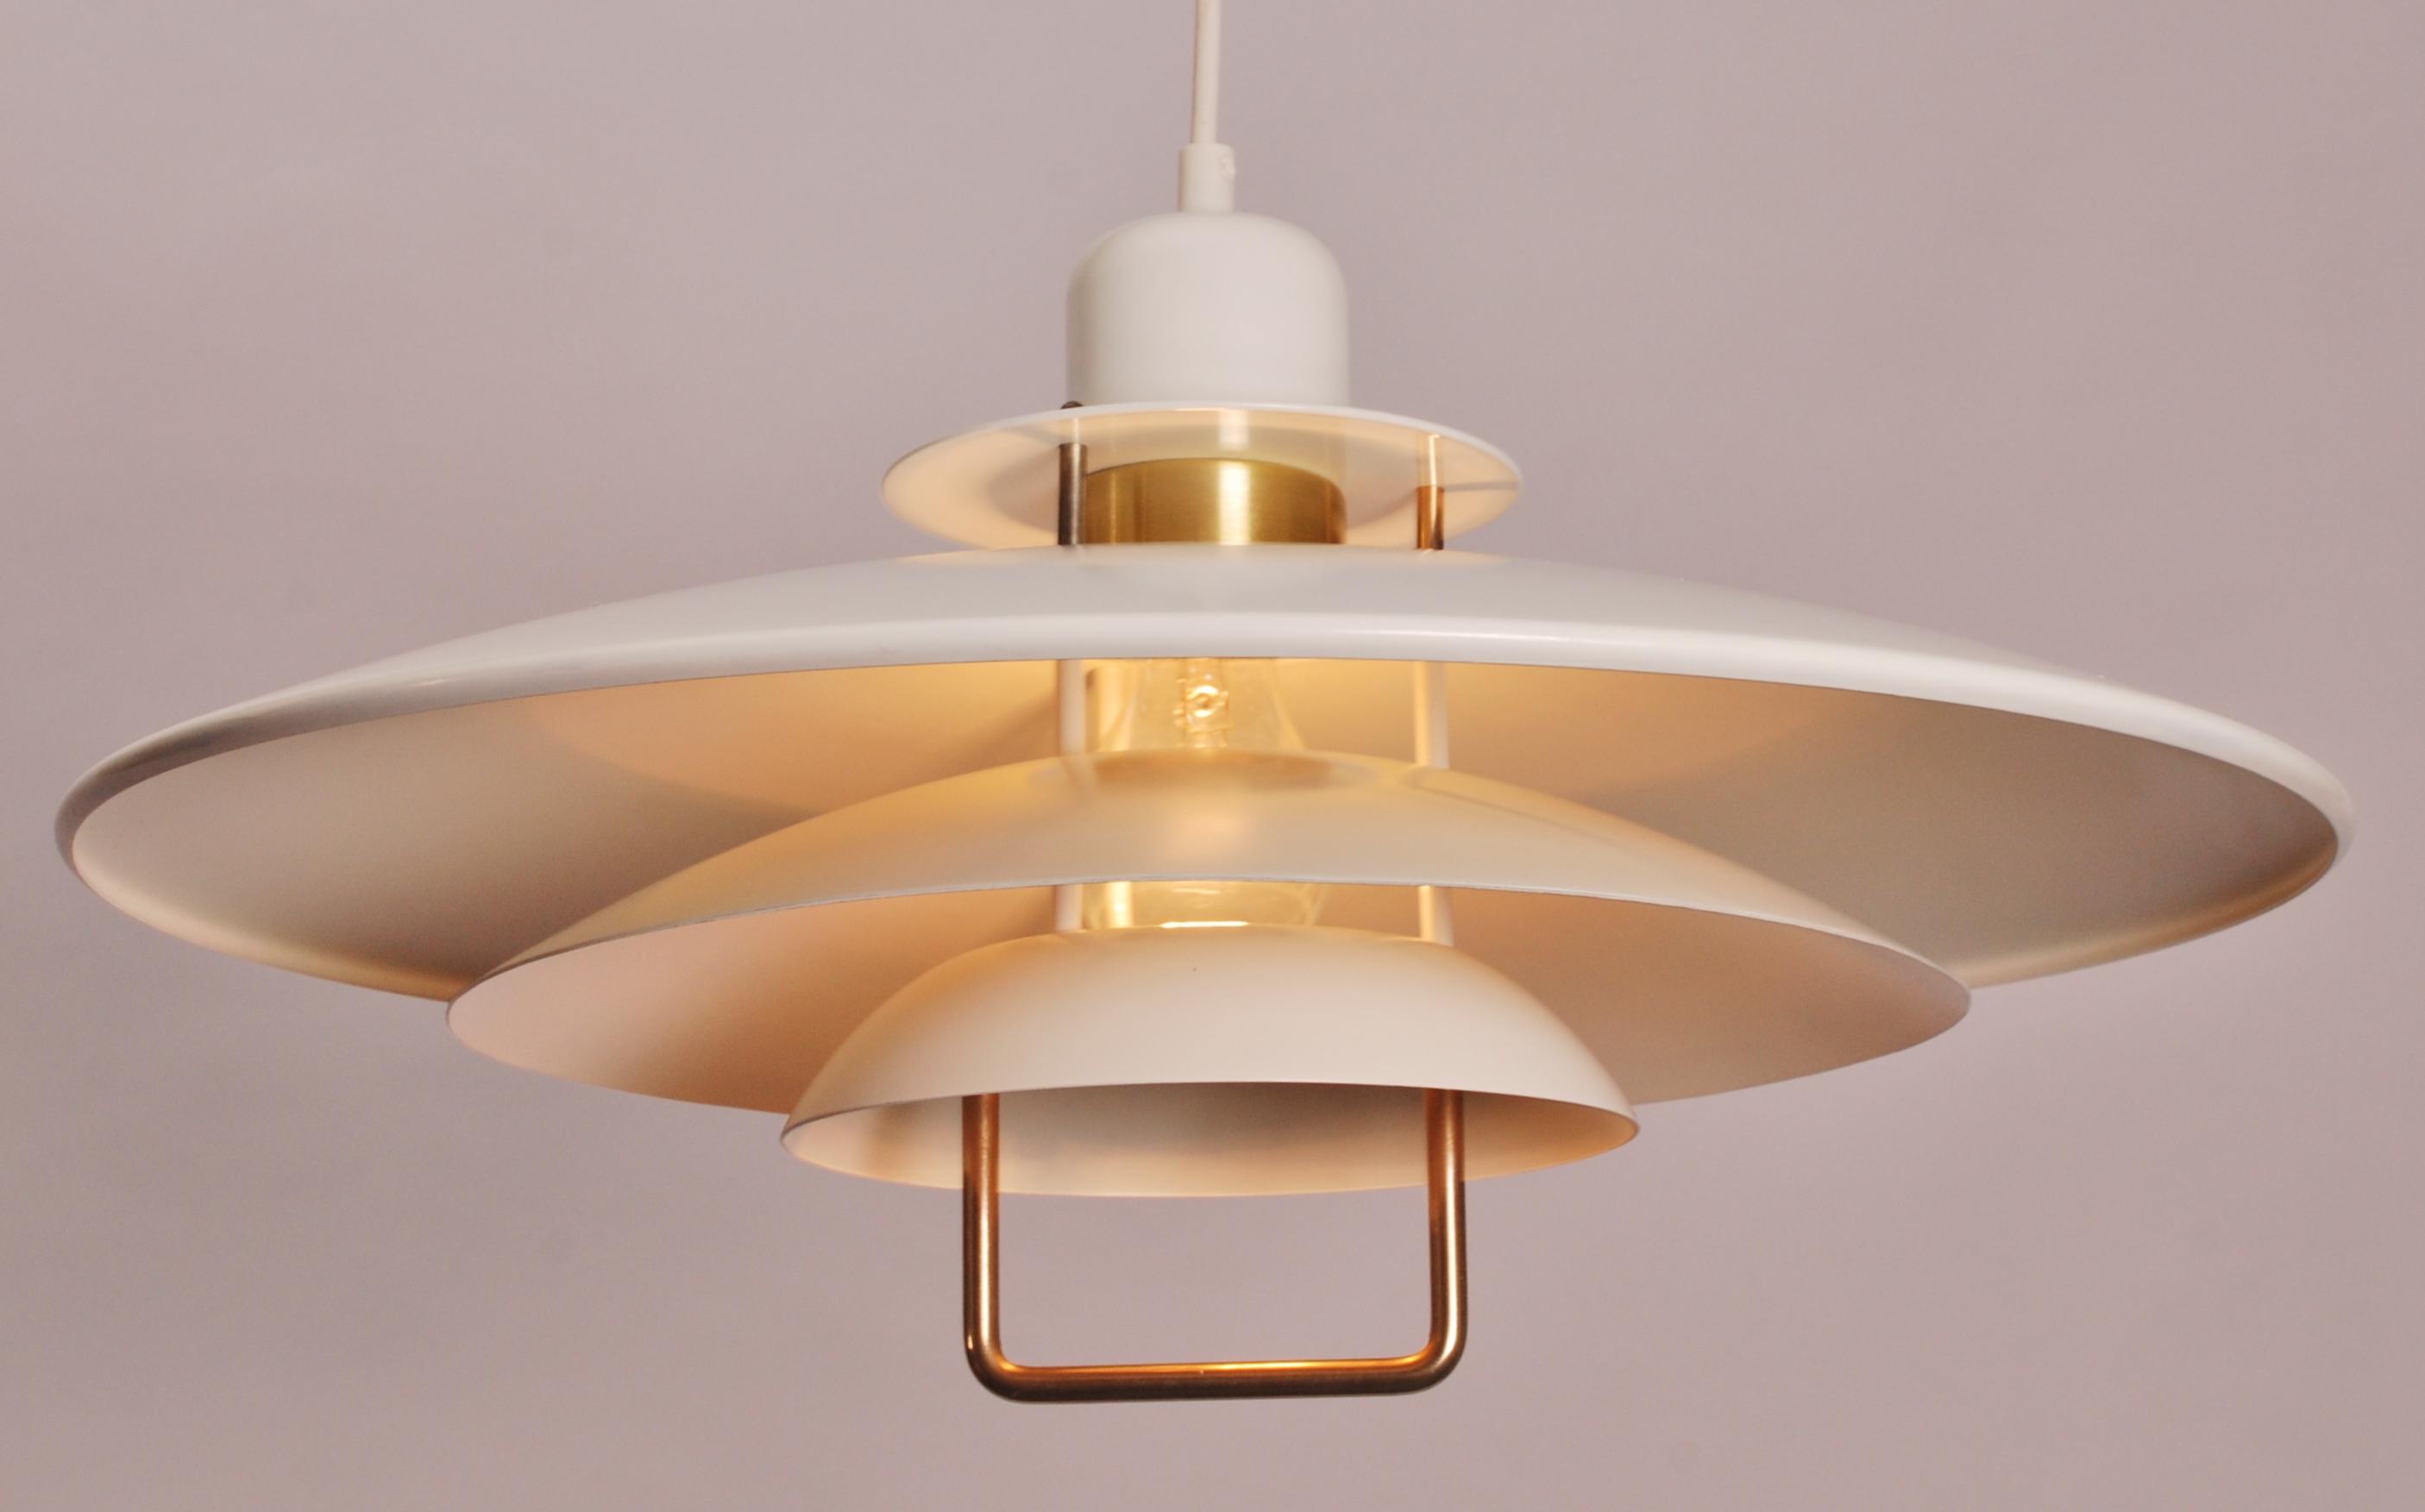 Ongekend Hanglamp Belid, Zweden, ca. 1990 - Willem Koolmees EE-37